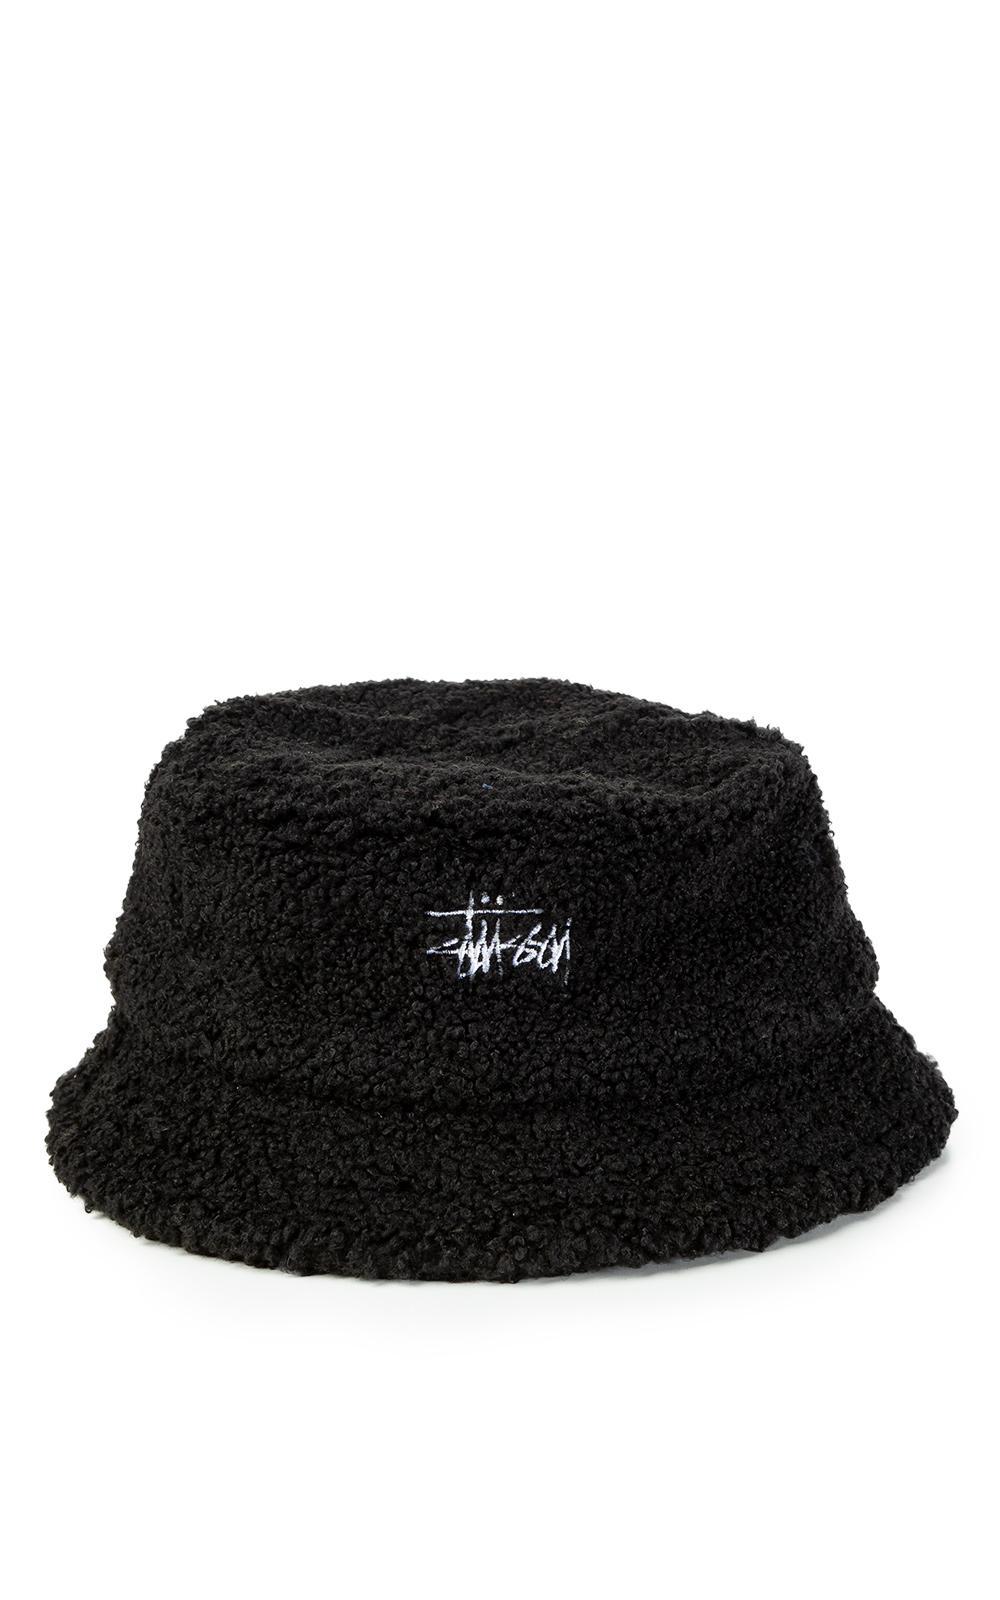 76a3530094d Lyst - Stussy Sherpa Fleece Bucket Hat Black in Black for Men